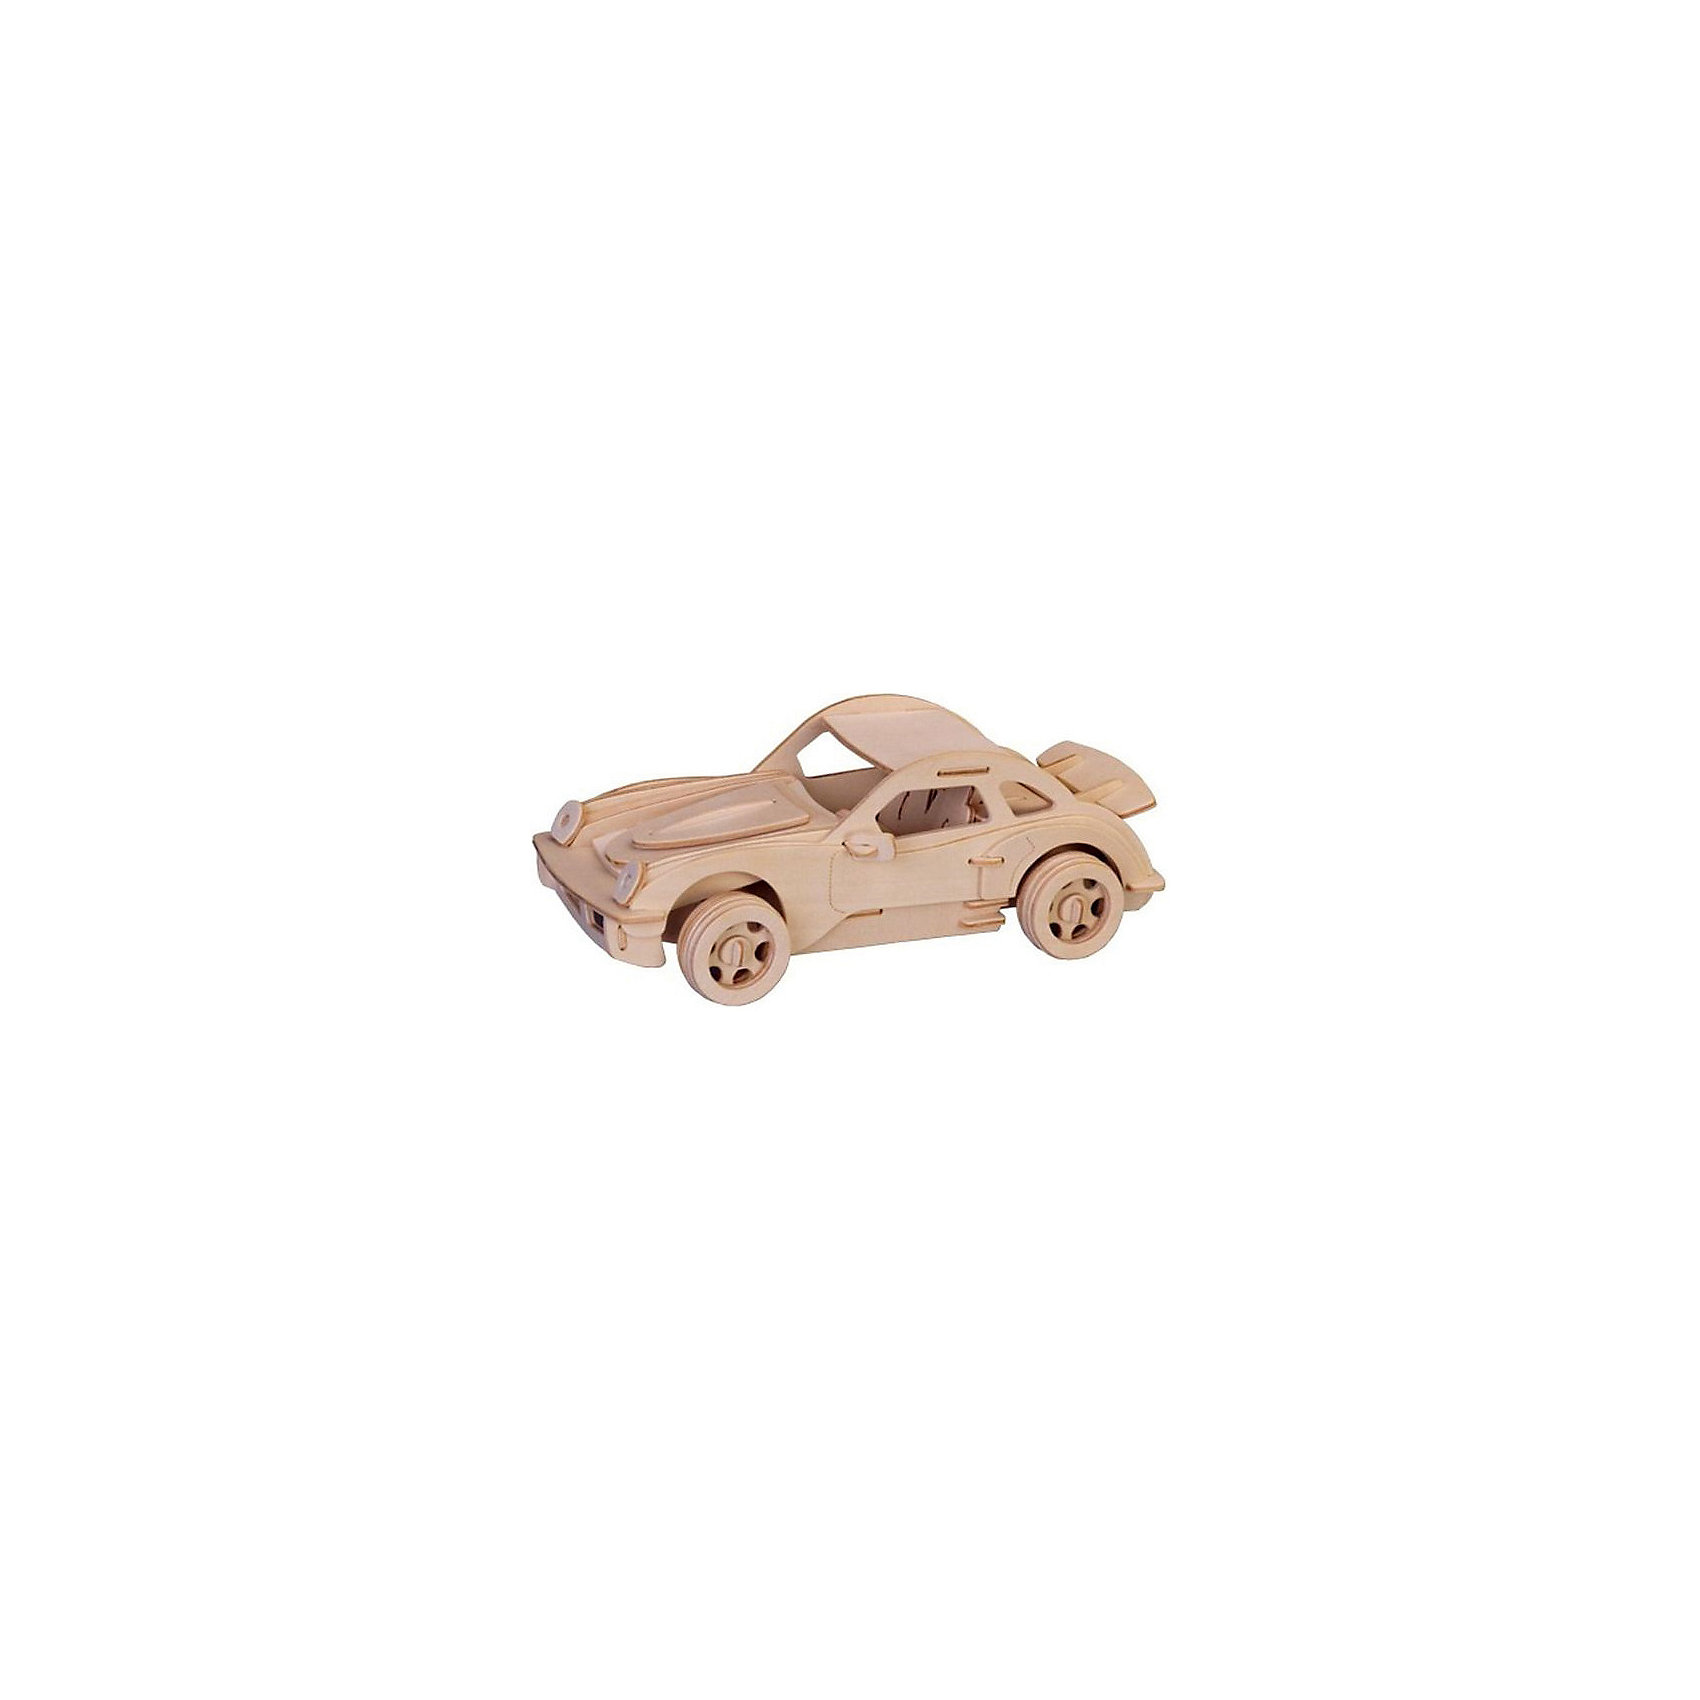 МДИ Порше (мал.), Мир деревянных игрушек игрушка мир деревянных игрушек лабиринт слон д345